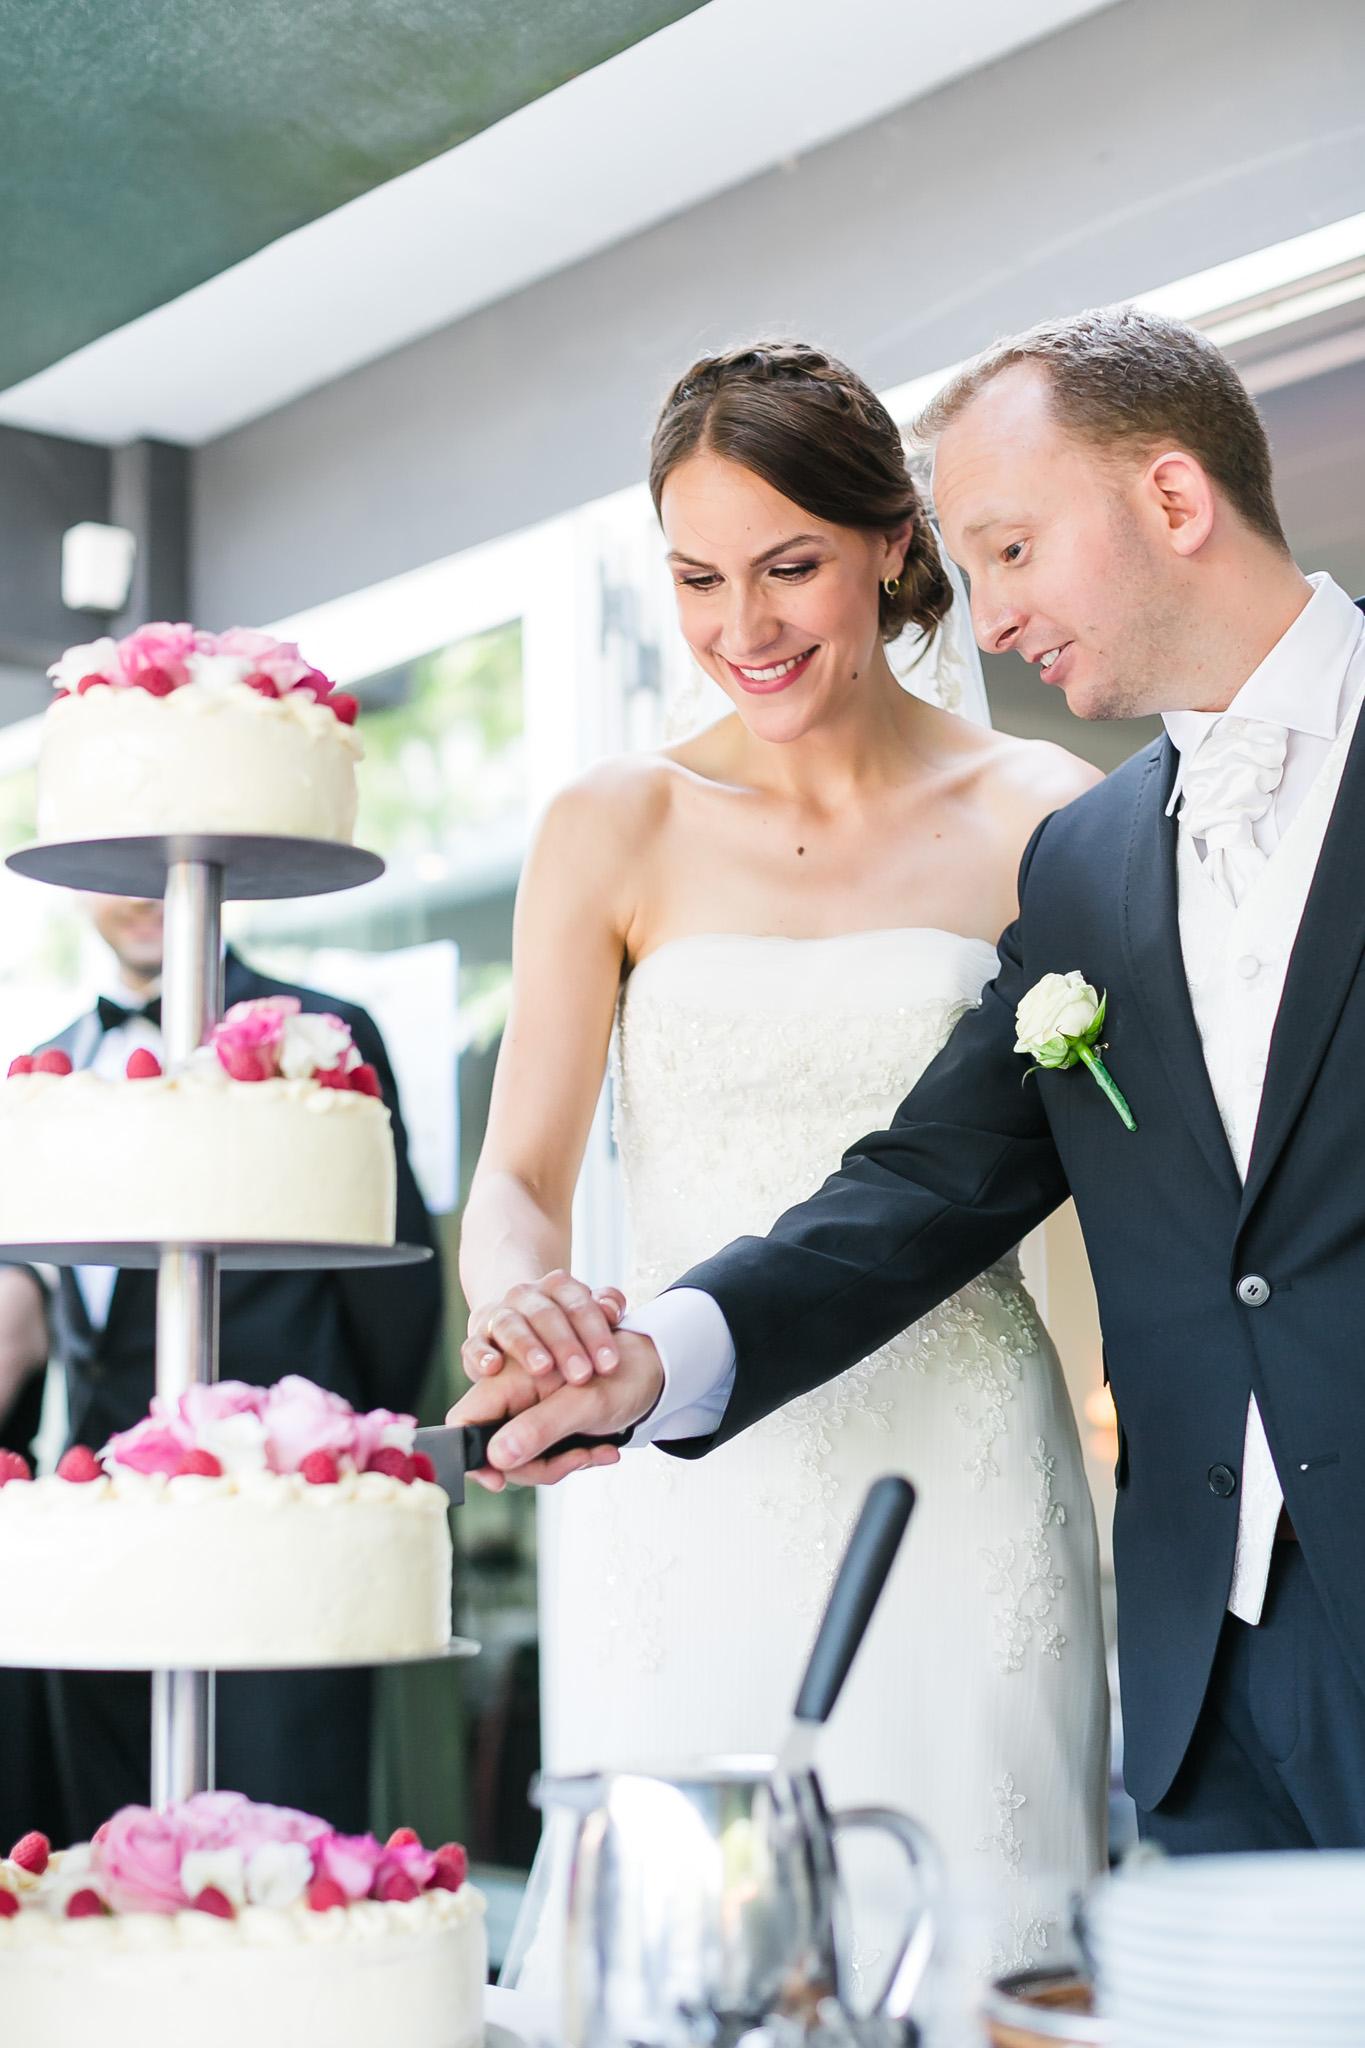 Brudepar skærer bryllupskage Scheelsminde